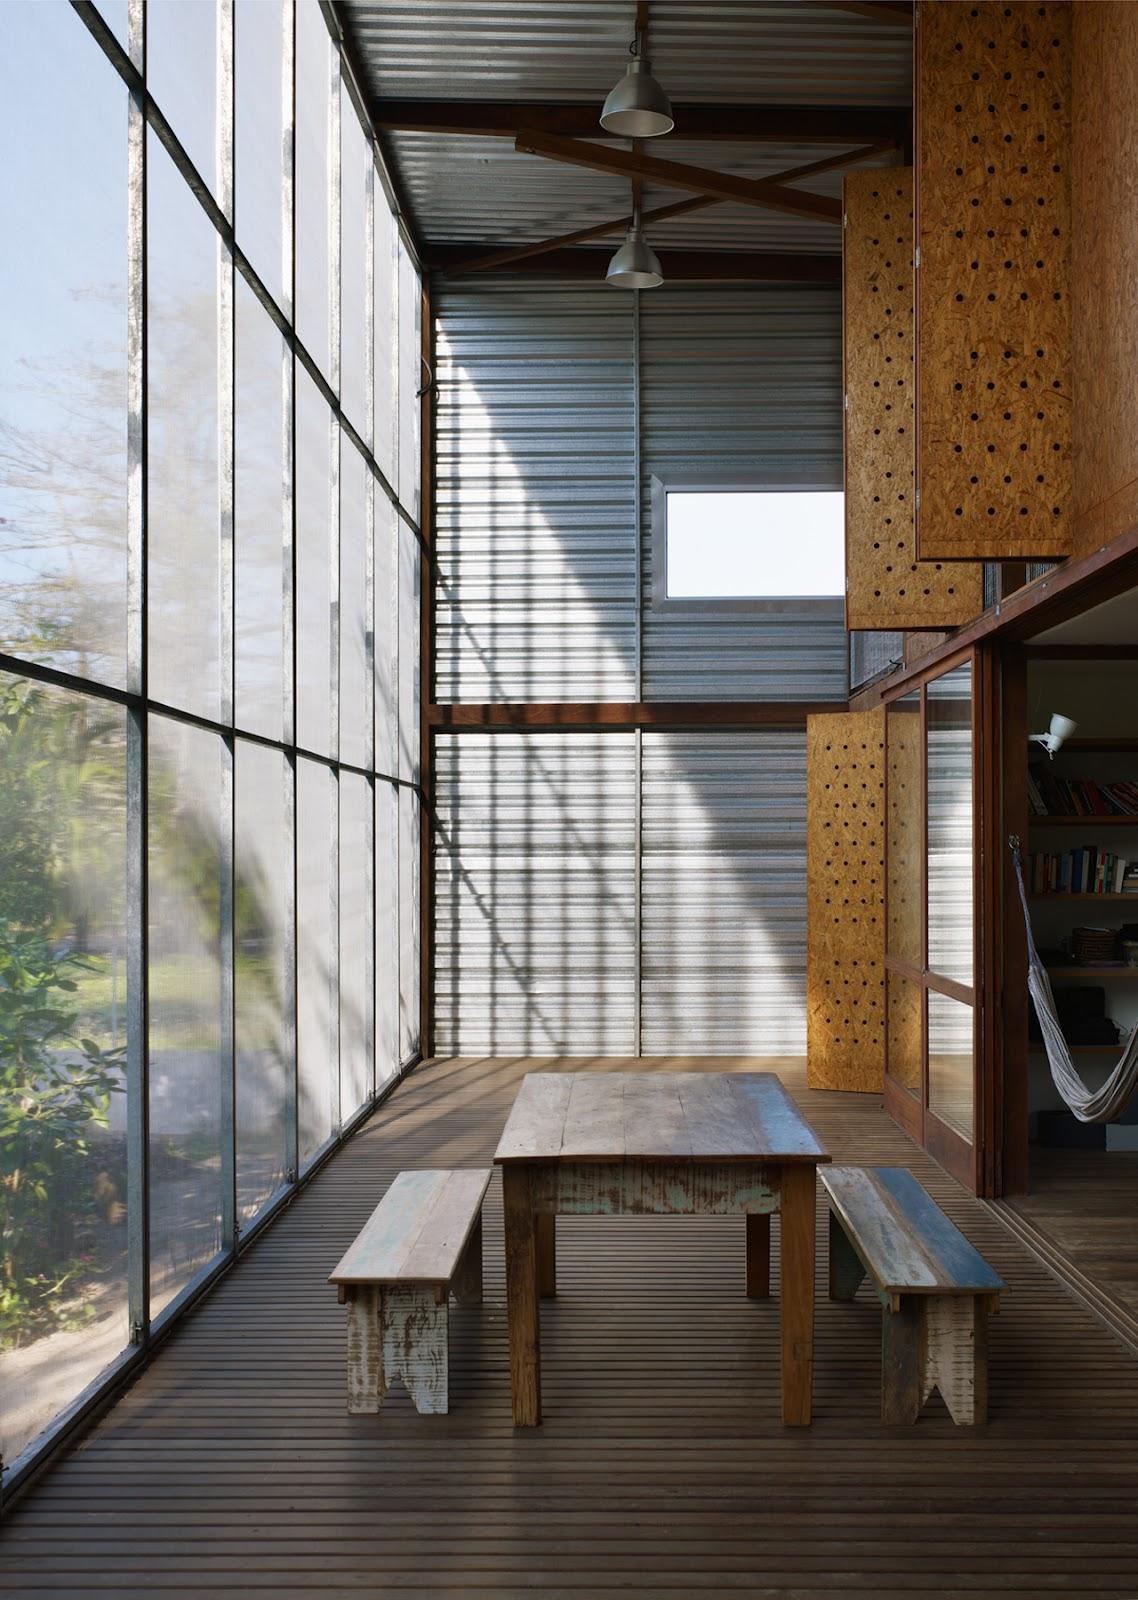 banheiros o piso é um revestimento de manta pré fabricada butílica #664528 1138 1600